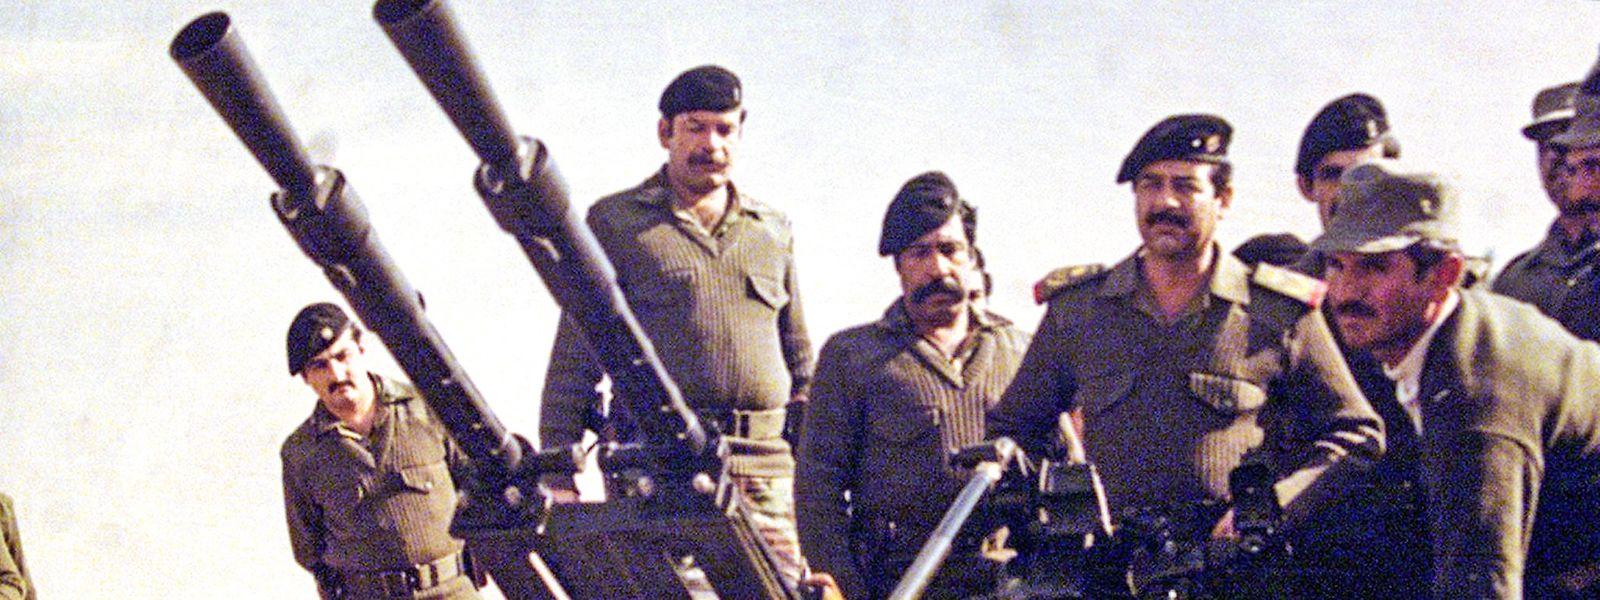 Der Einmarsch irakischer Truppen im Nachbarland Kuwait - auf Befehl von Präsident Sadam Hussein - führte zu nachhaltigen geopolitischen Veränderungen im Nahen Osten.